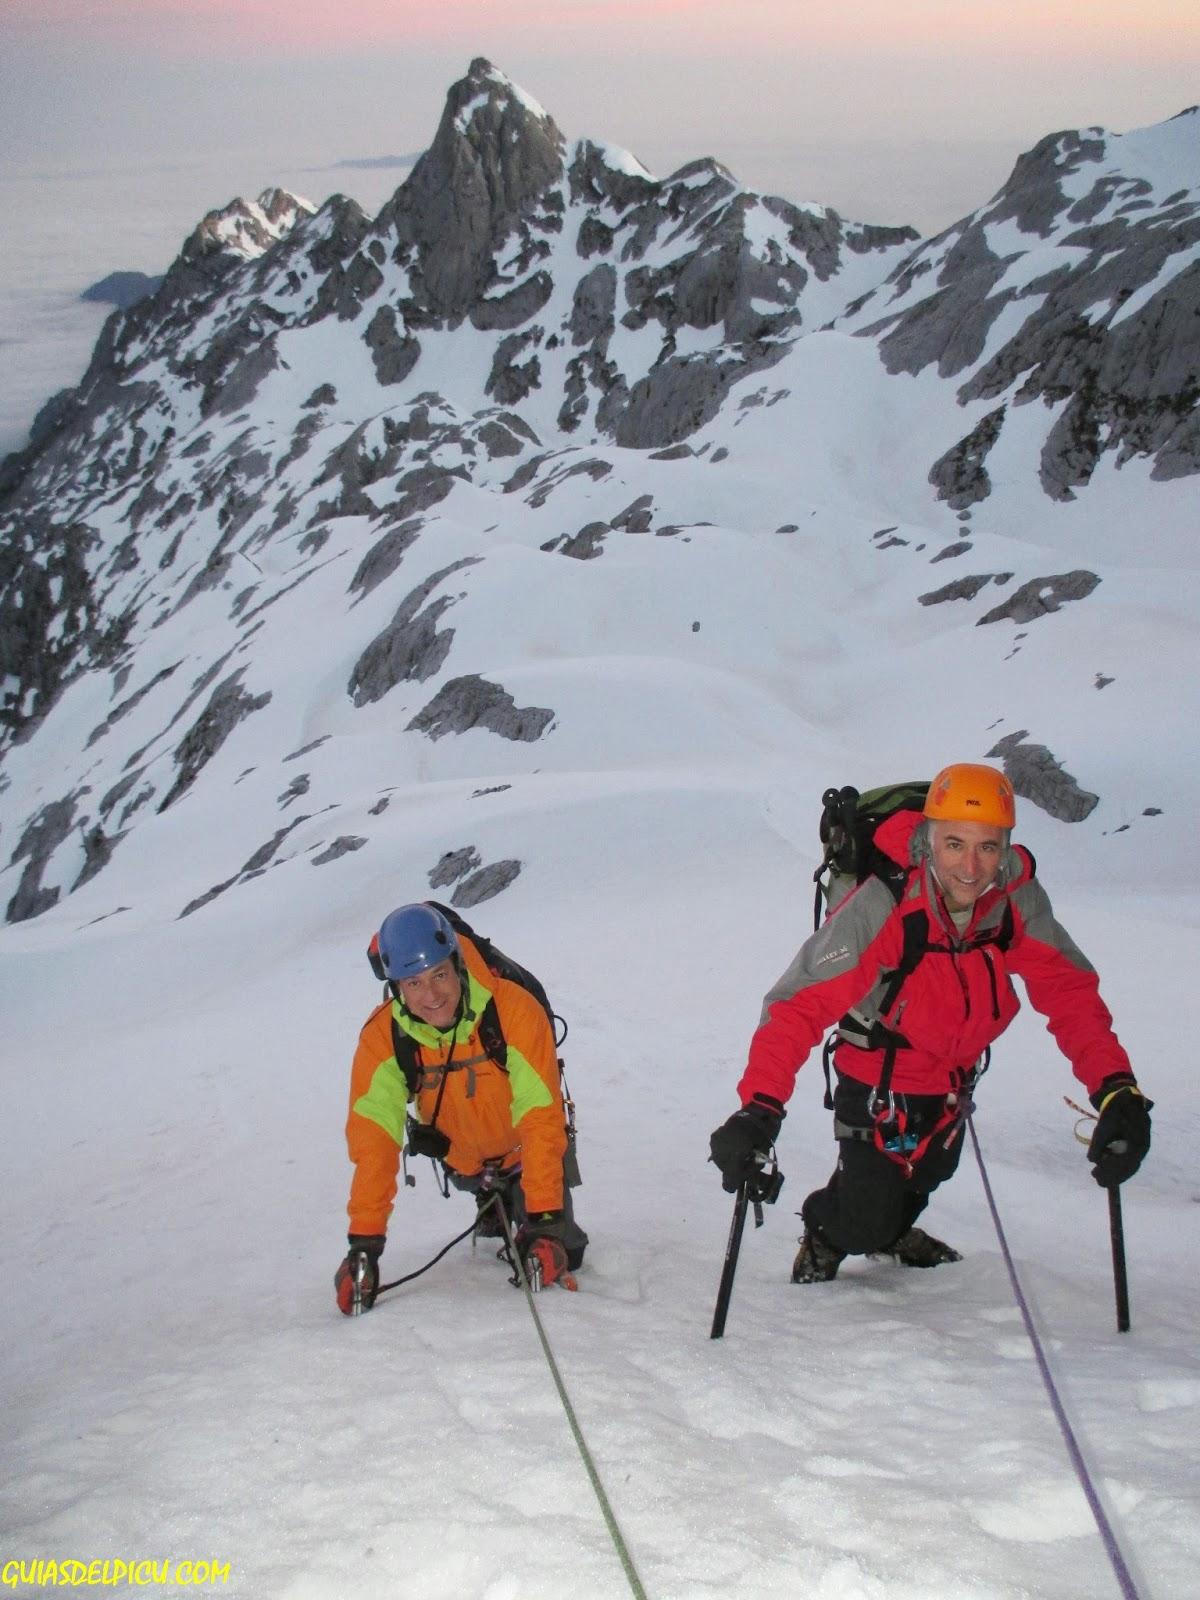 Guias de montaña guiasdelpicu, especialista en los Picos de Europa